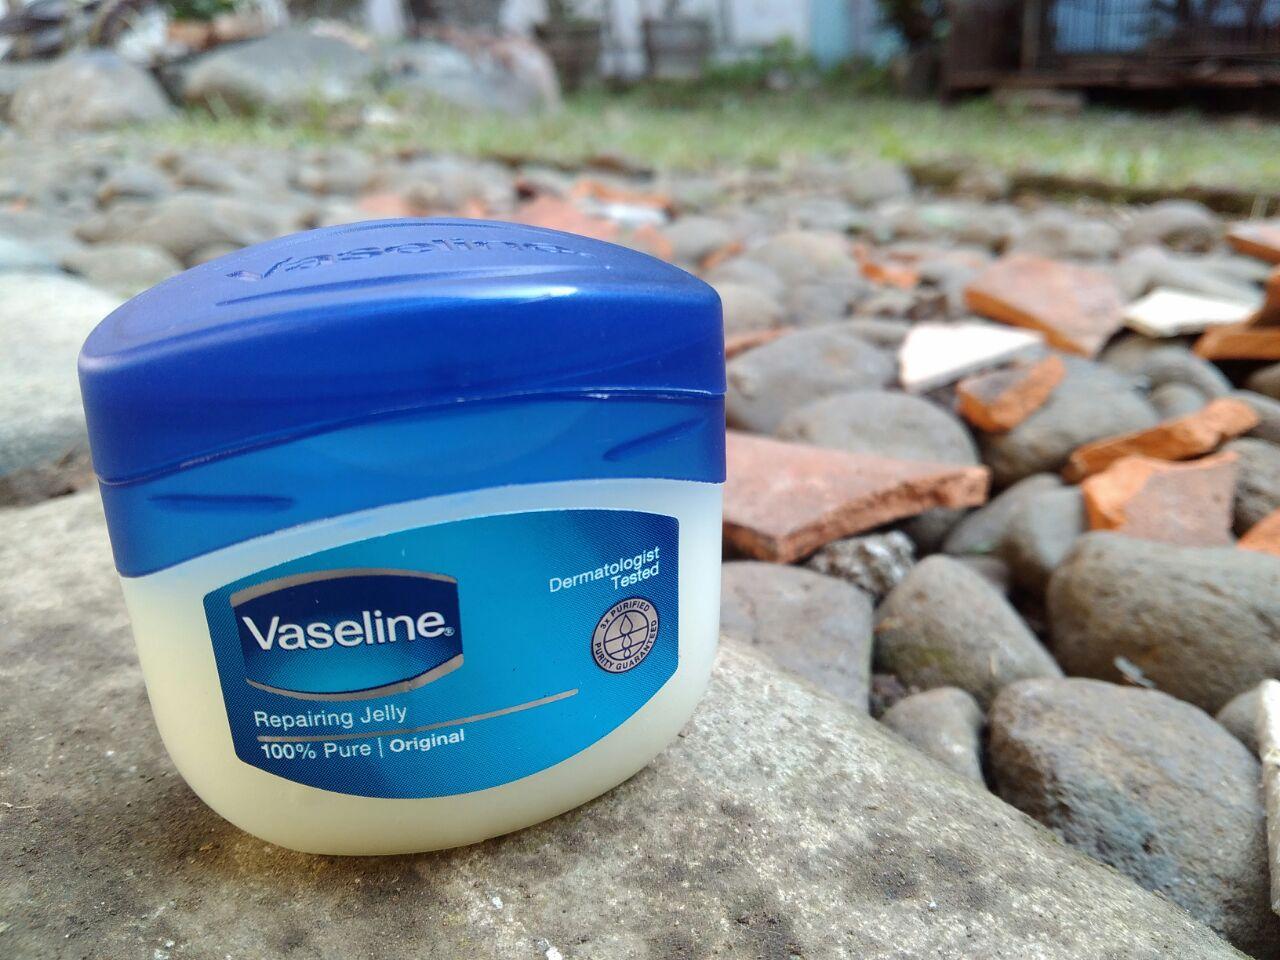 vaseline repairing jelly solusi tepat merawat kesehatan kulit anda